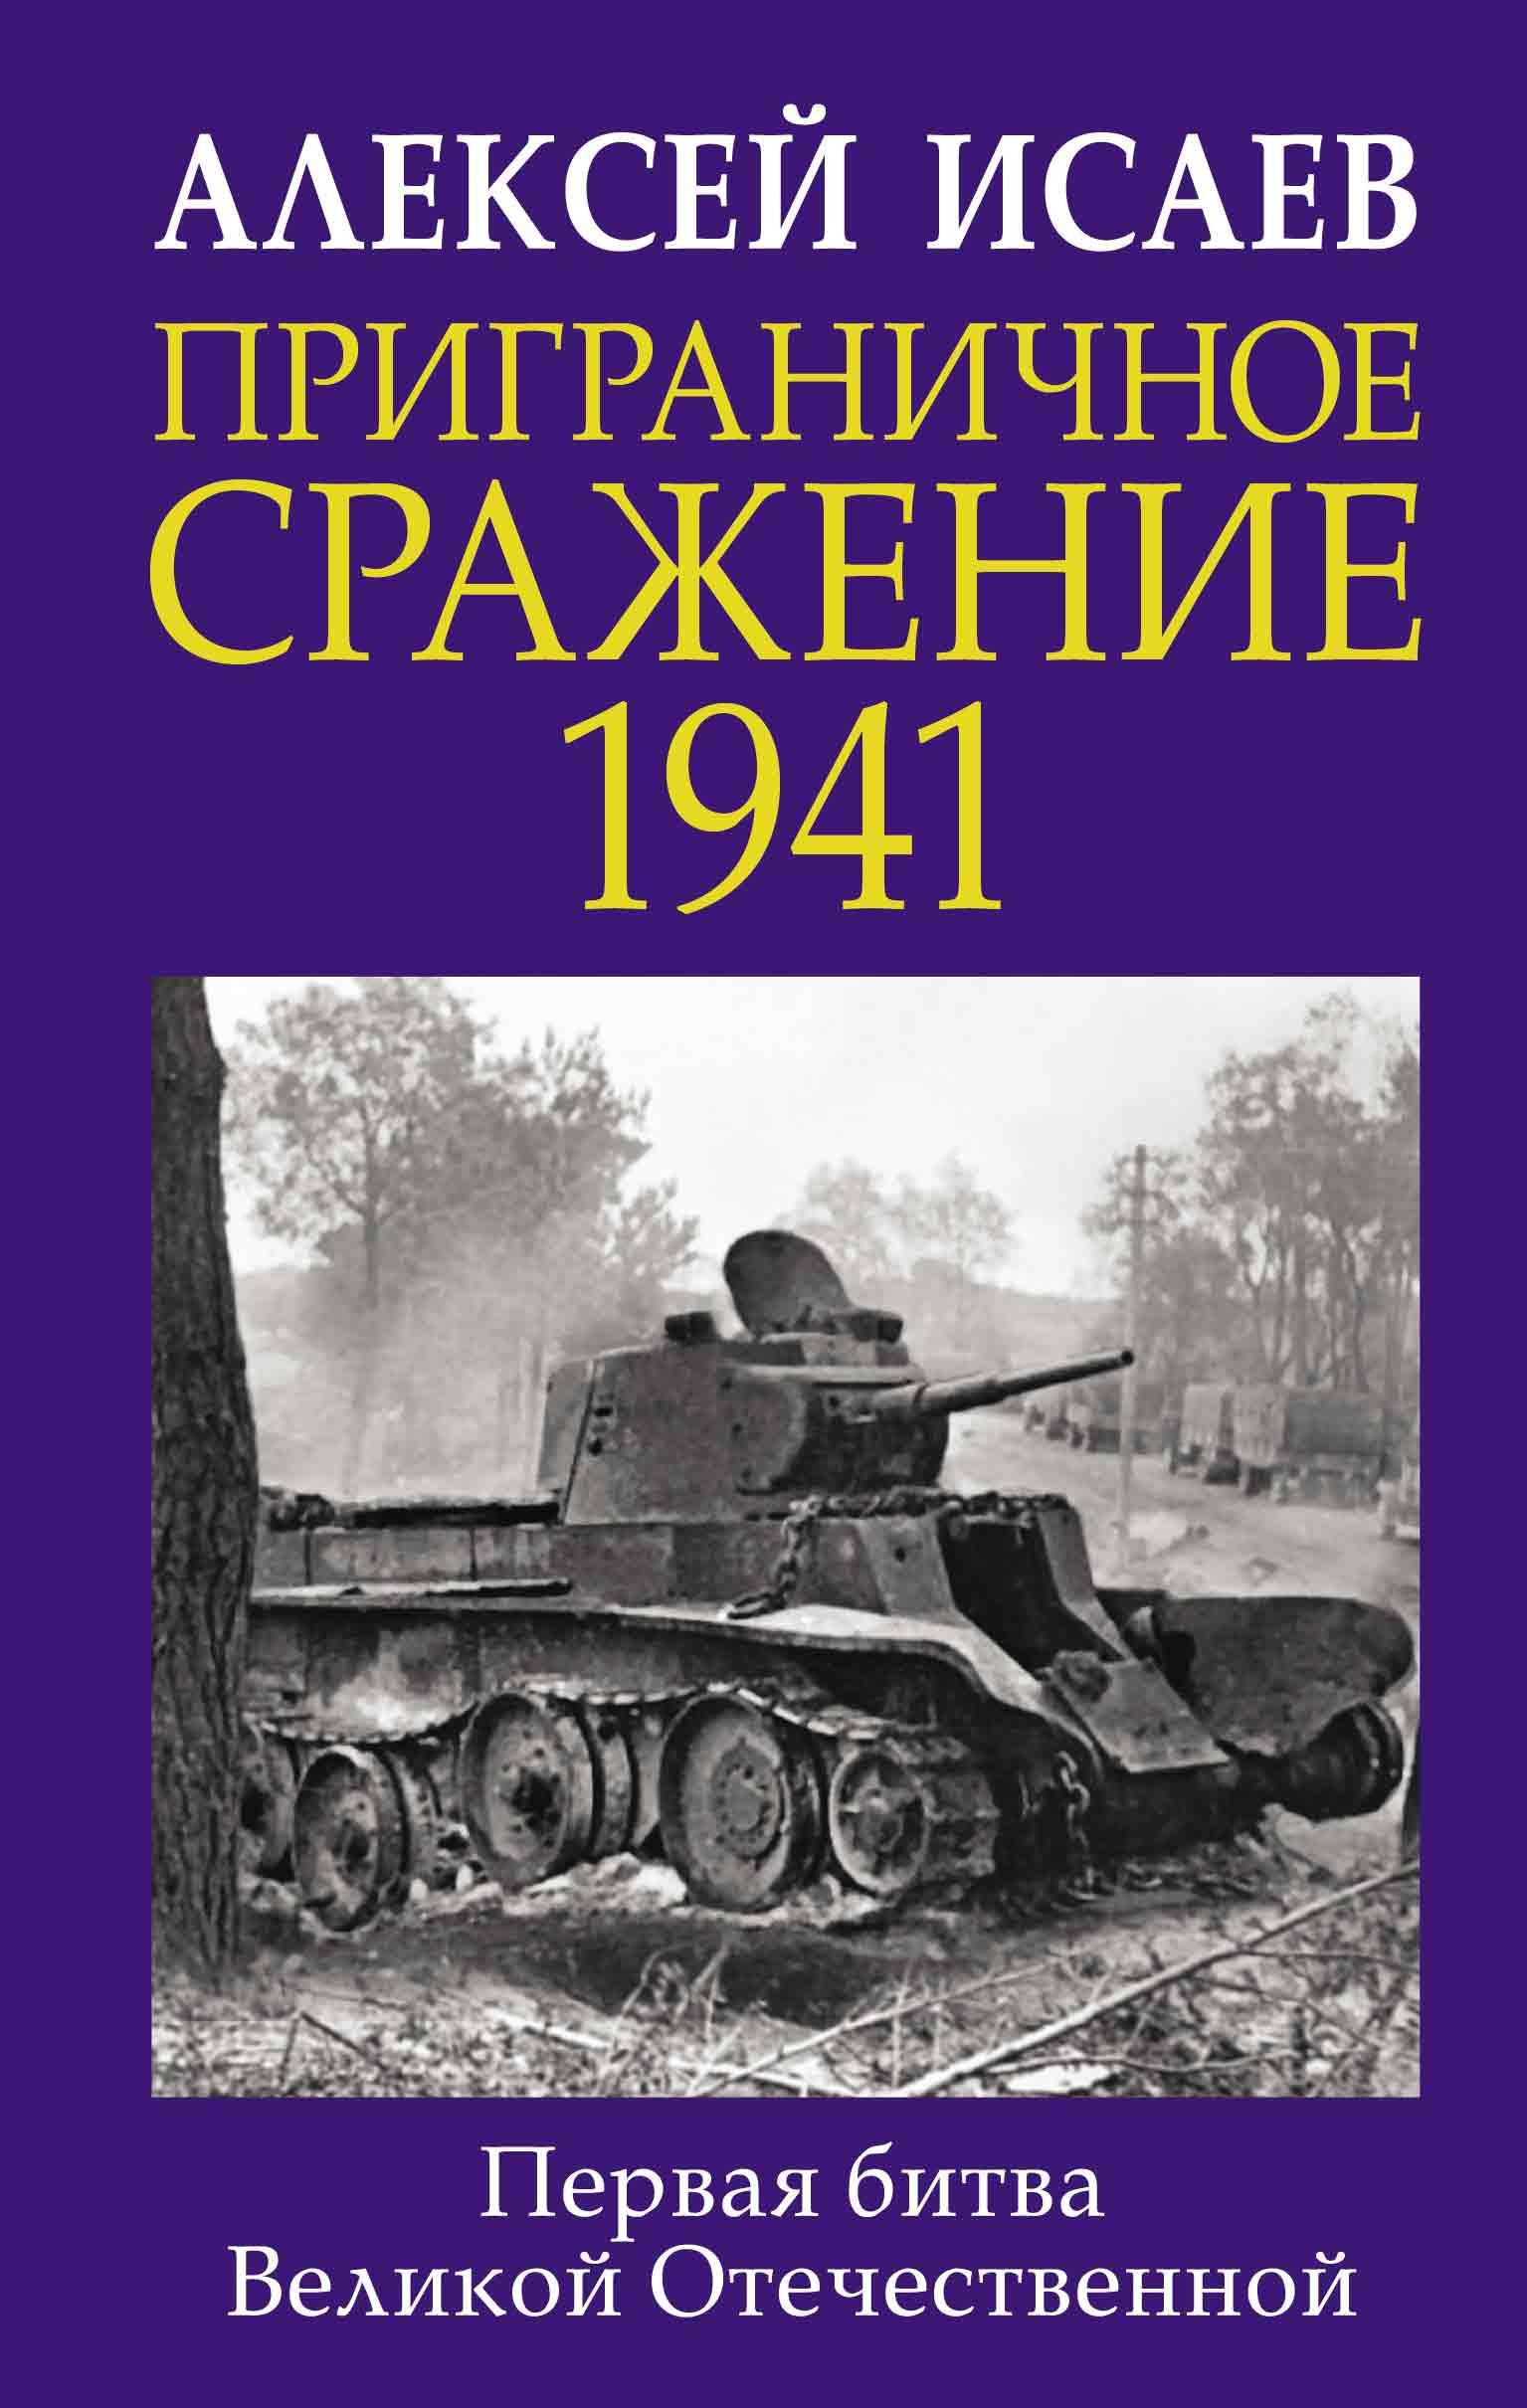 prigranichnoe srazhenie 1941 pervaya bitva velikoy otechestvennoy